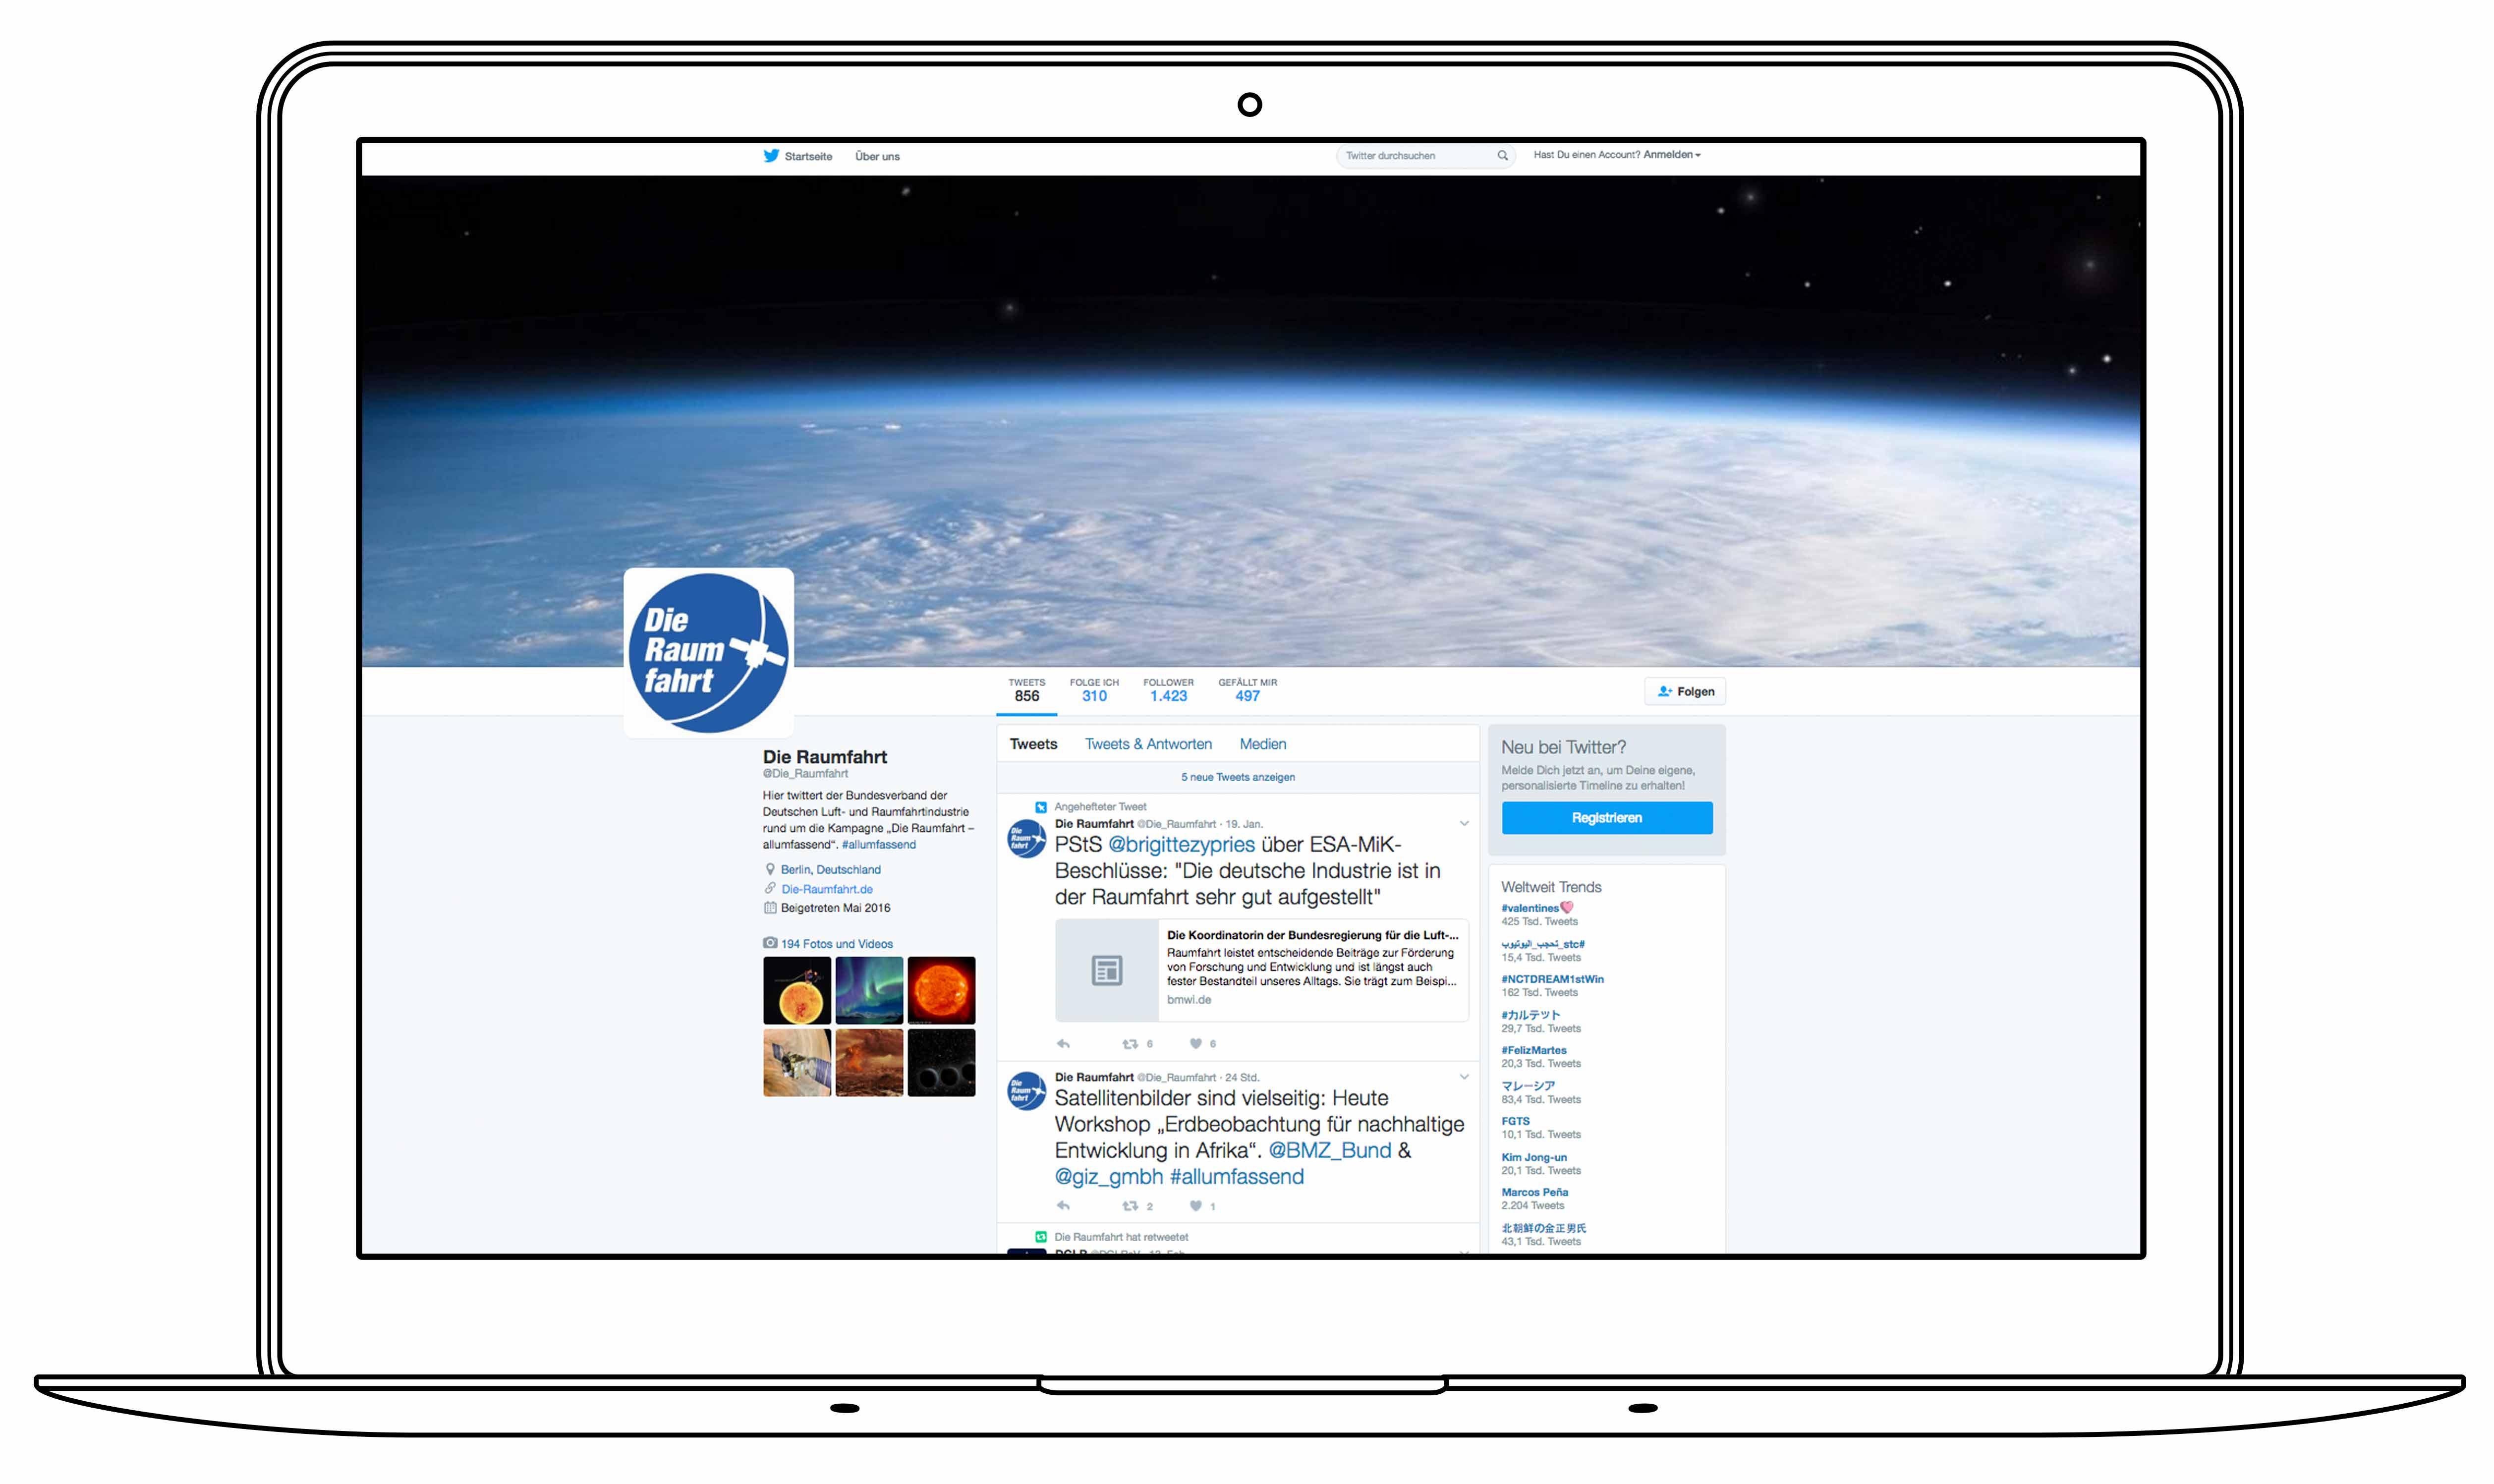 BDLI - Die Raumfahrt - Twitter Profil